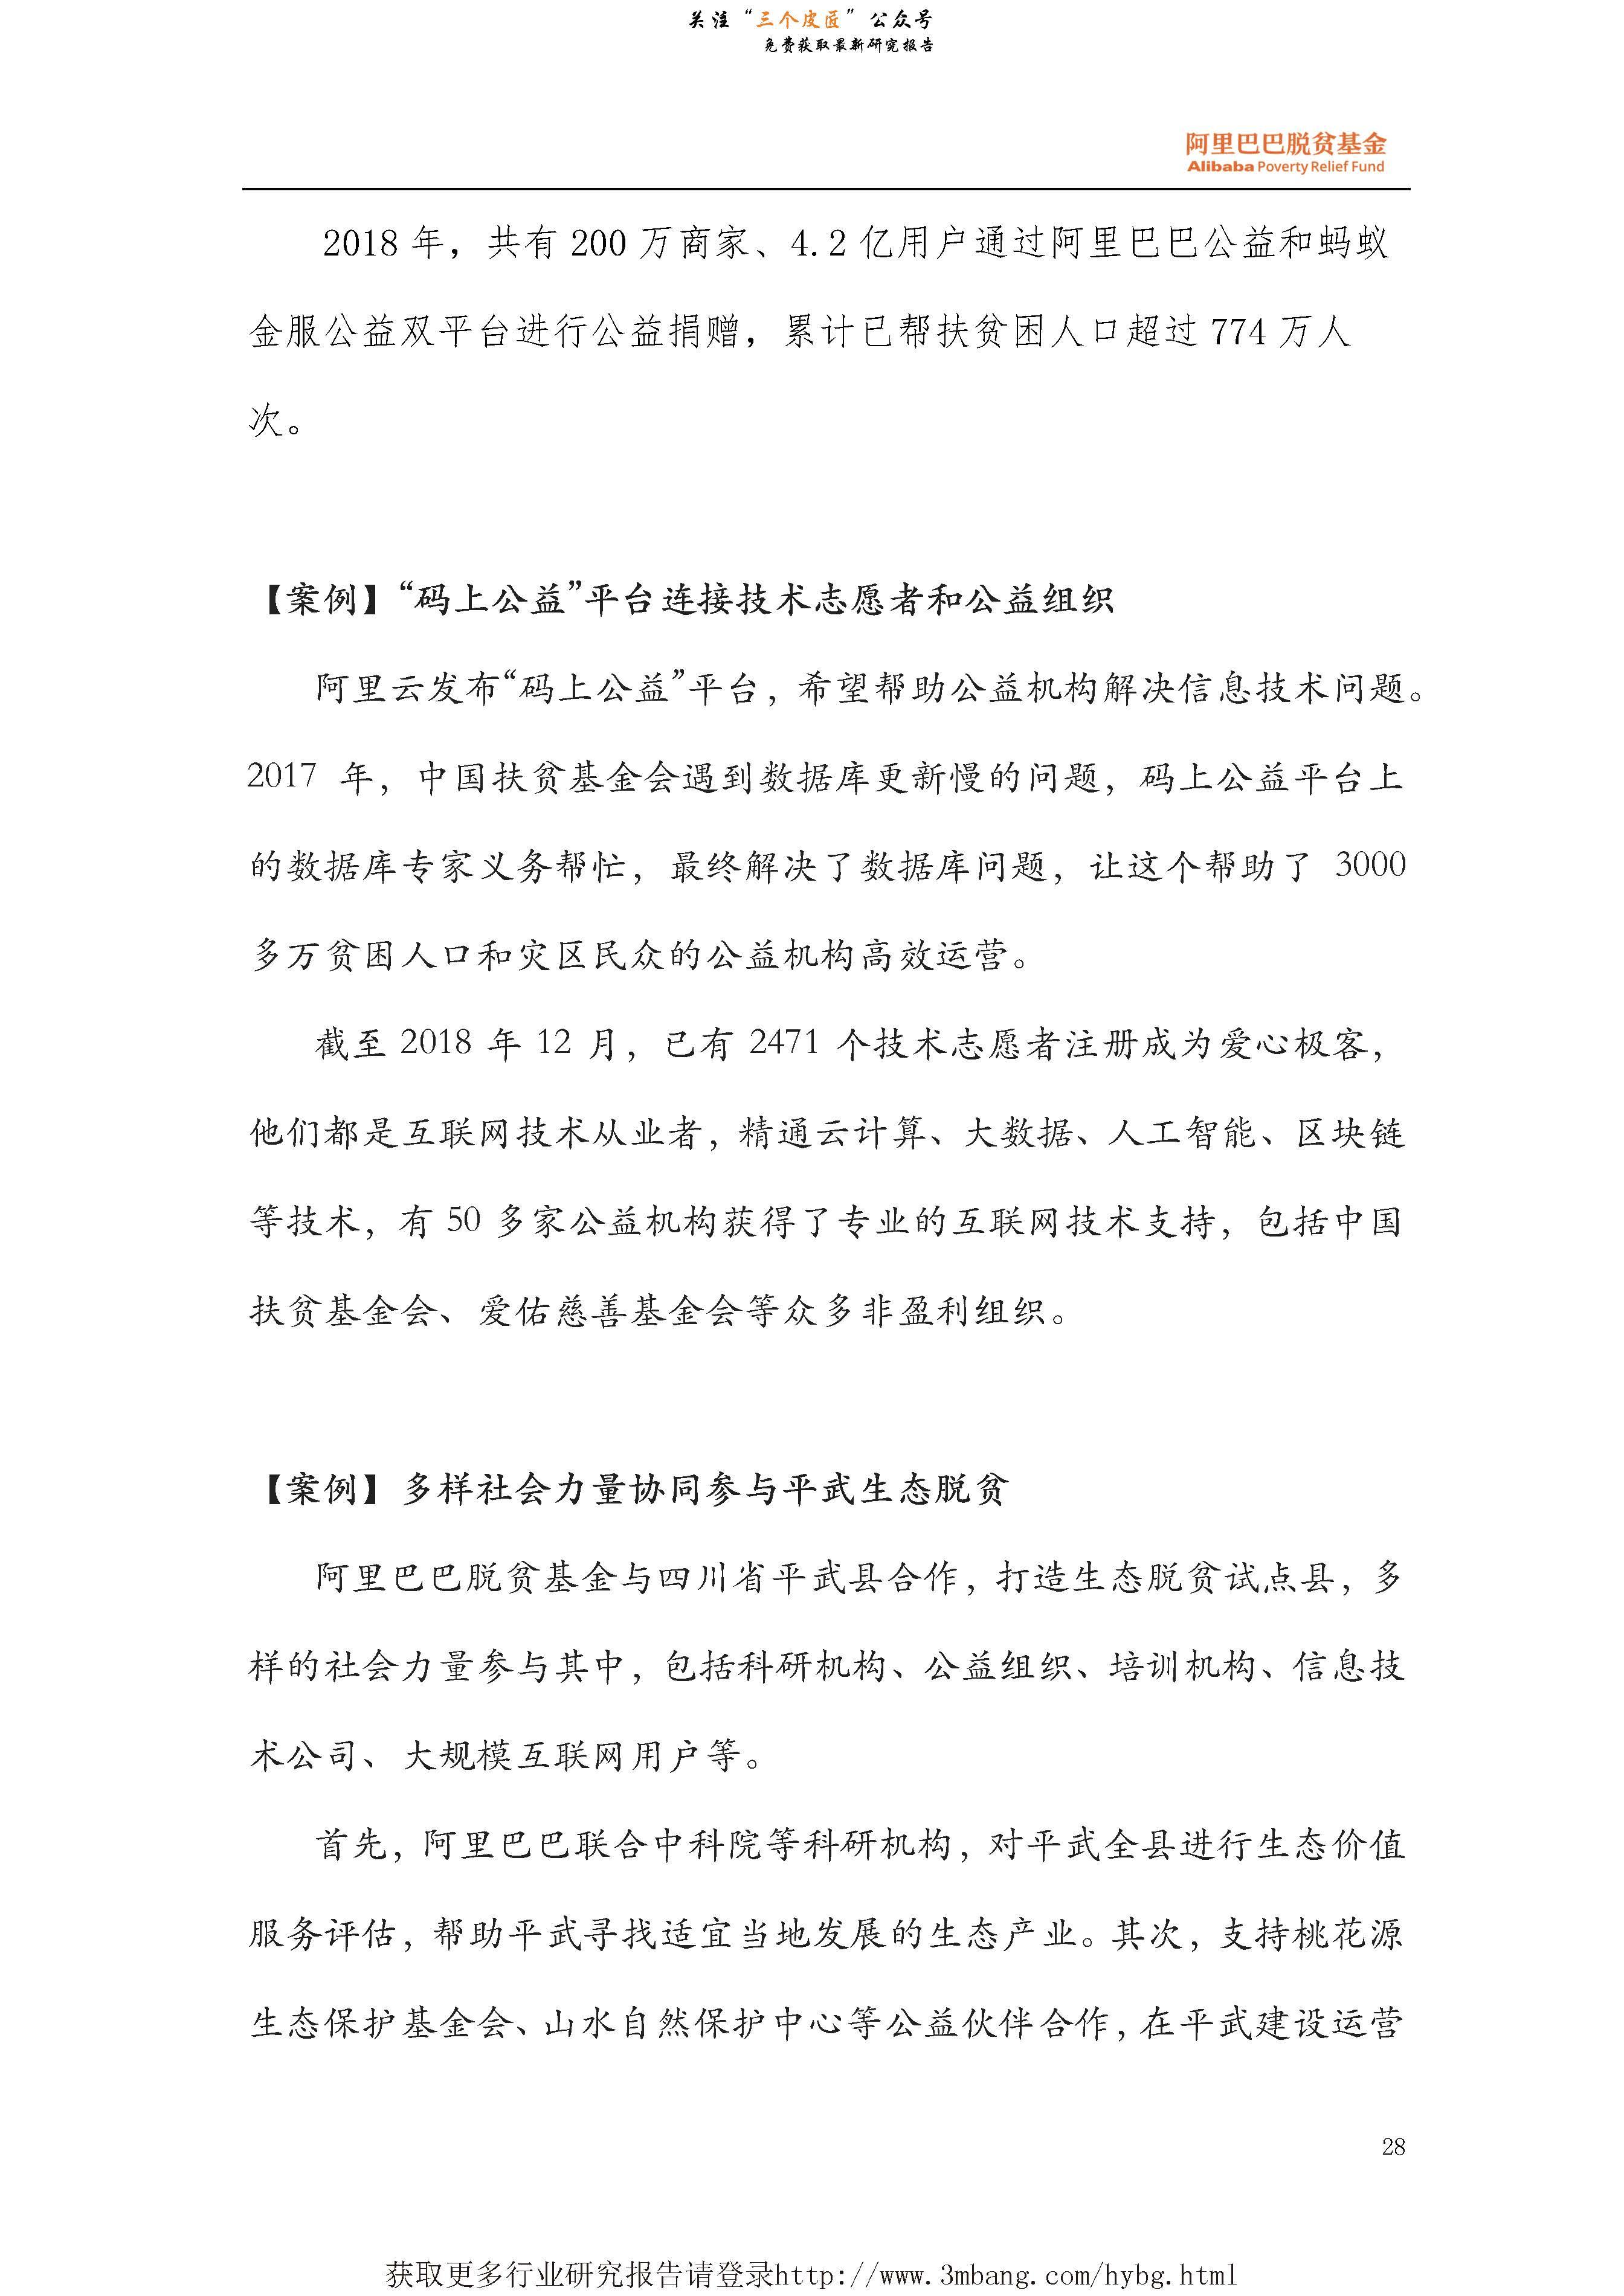 1_页面_28.jpg